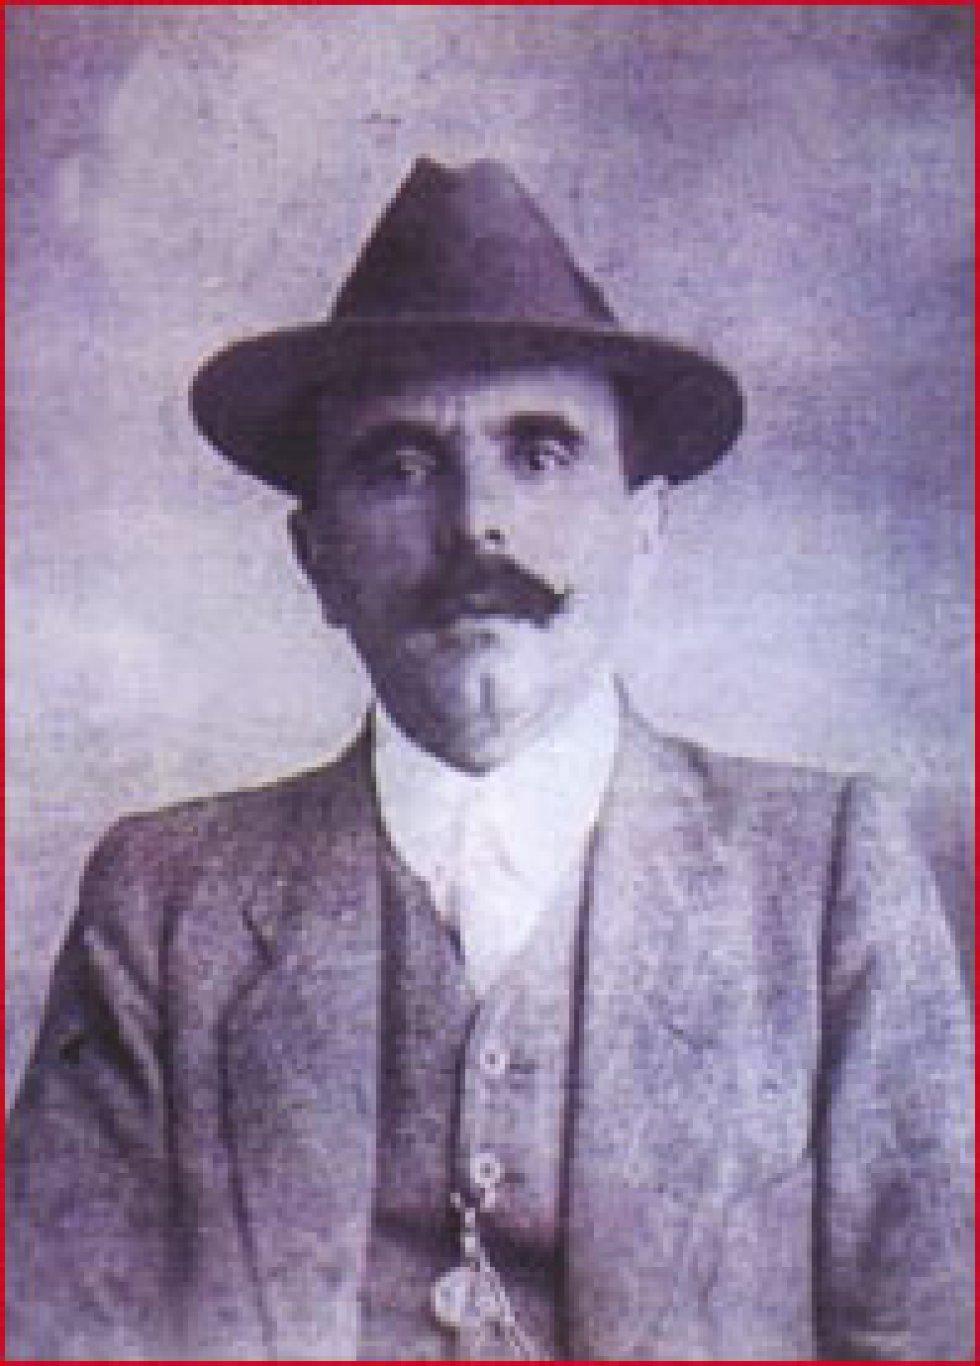 Historia del Conde Cabanelas en imágenes